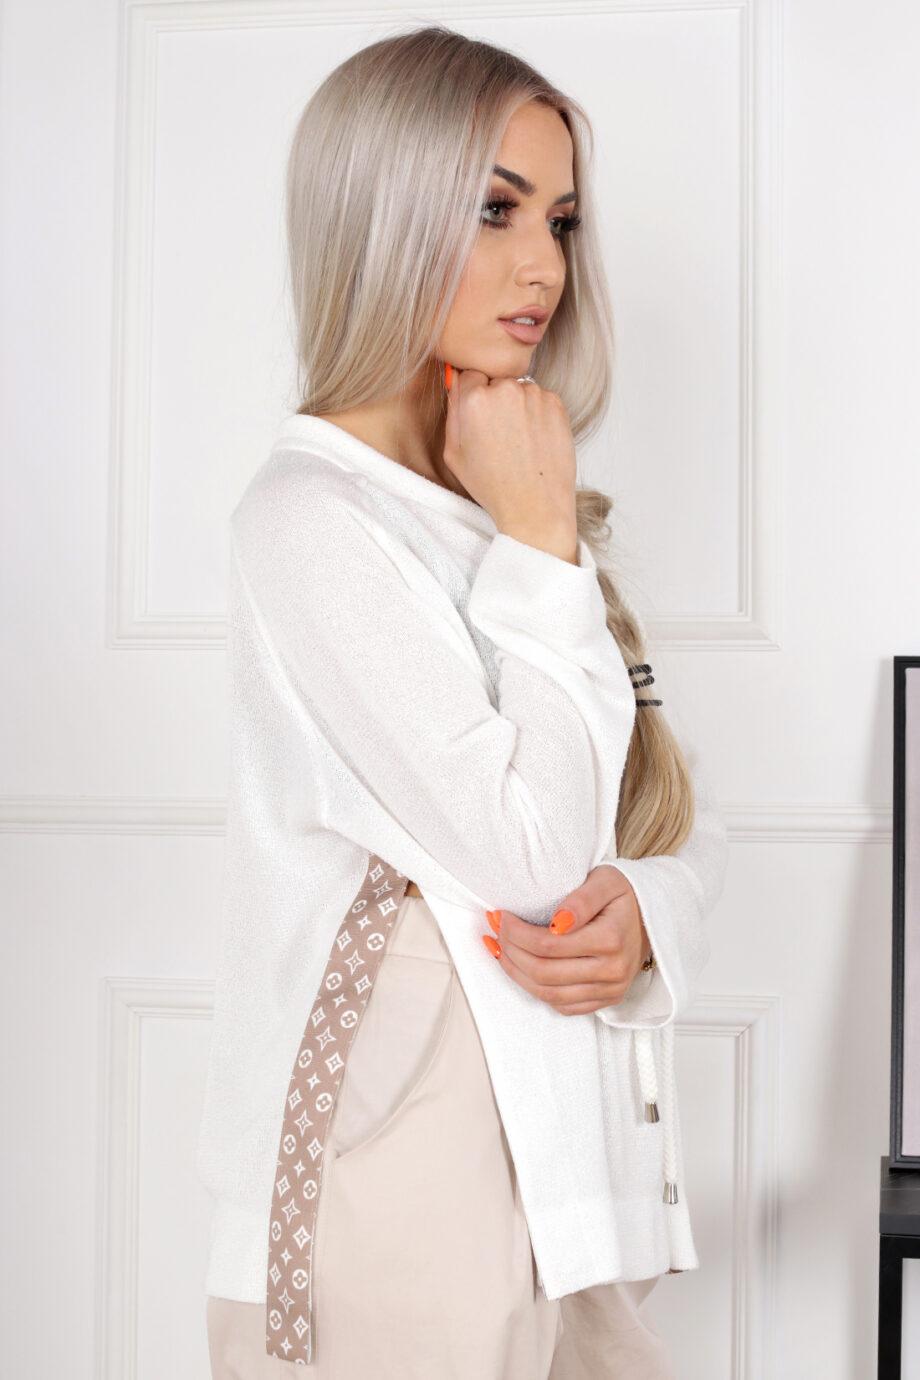 SETINA bluza i INDYGO spodnie (8)